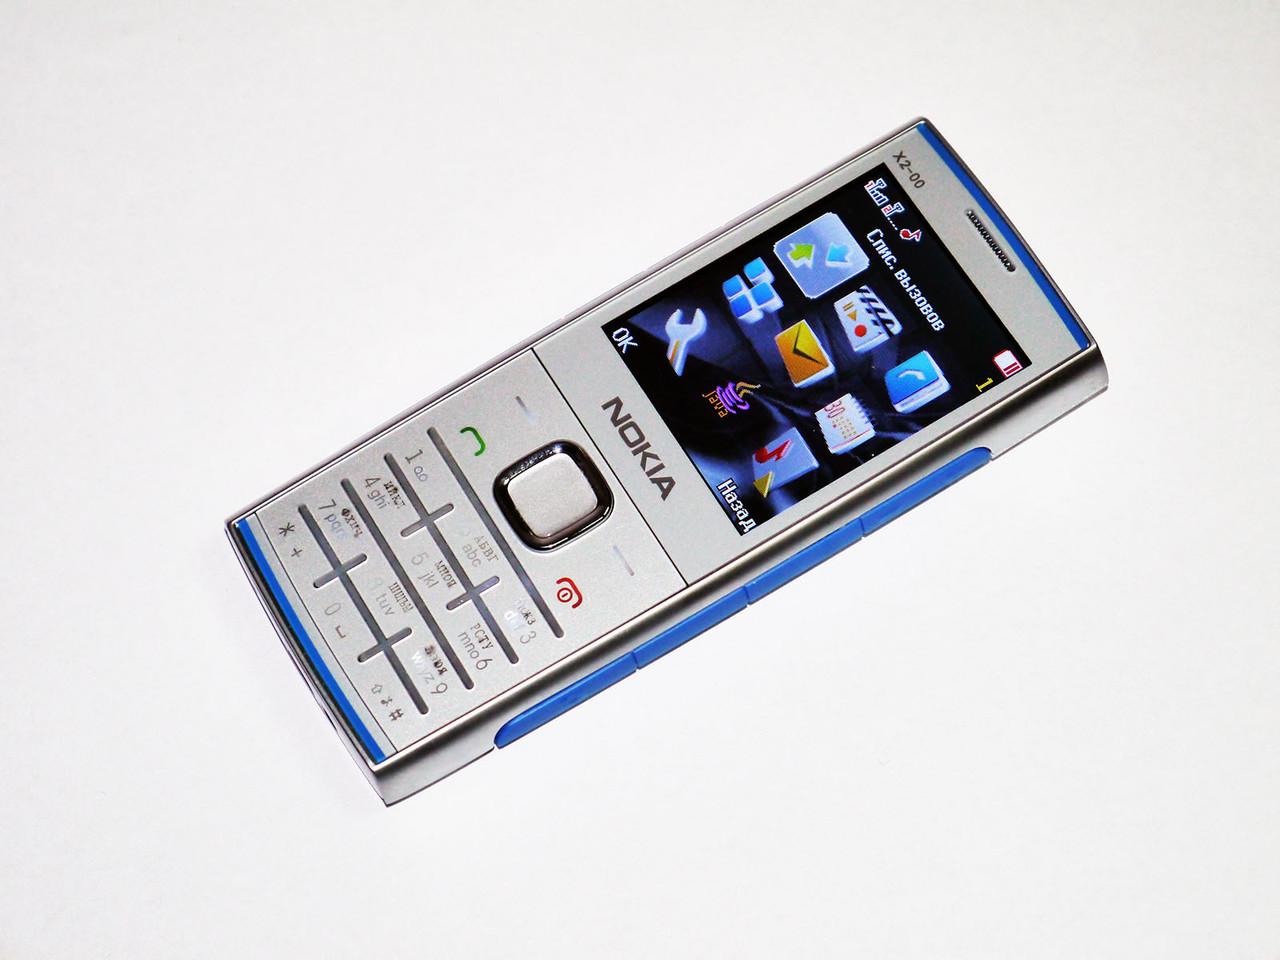 Nokia X2 00 Fm Bt 429